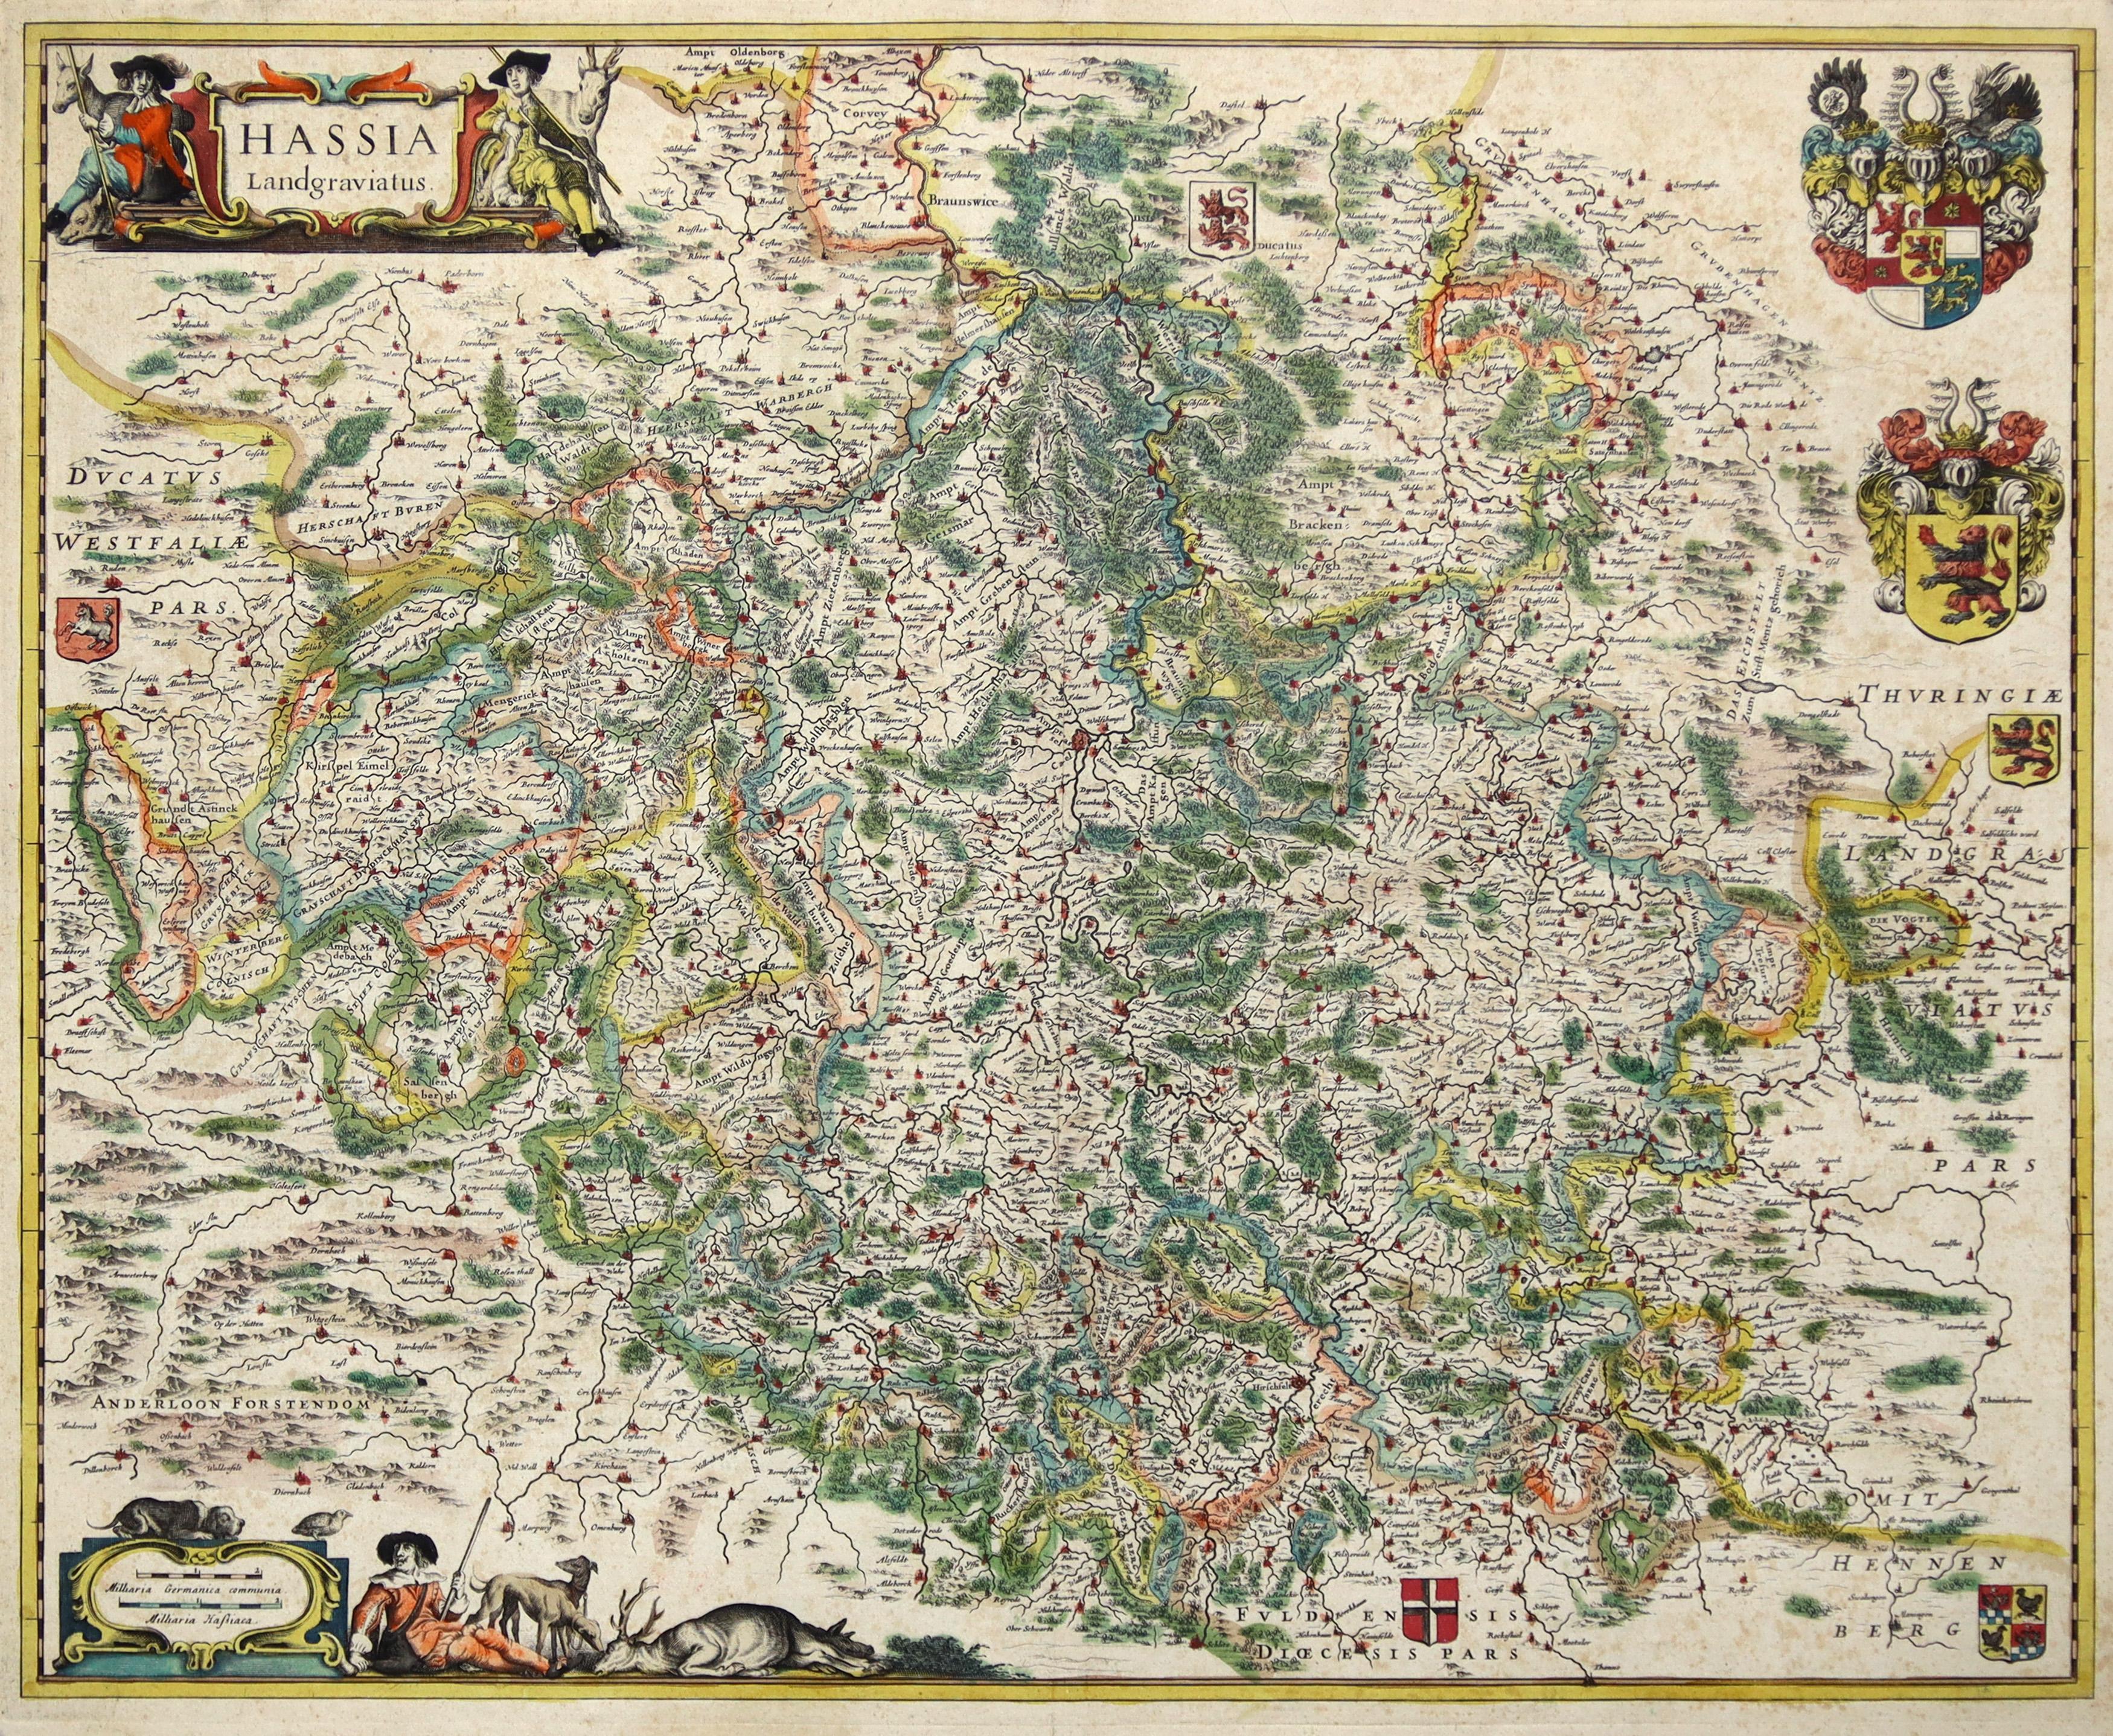 """Kst.- Karte, b. Janssonius, """"Hassia Landgraviatus."""".: Nordhessen:"""